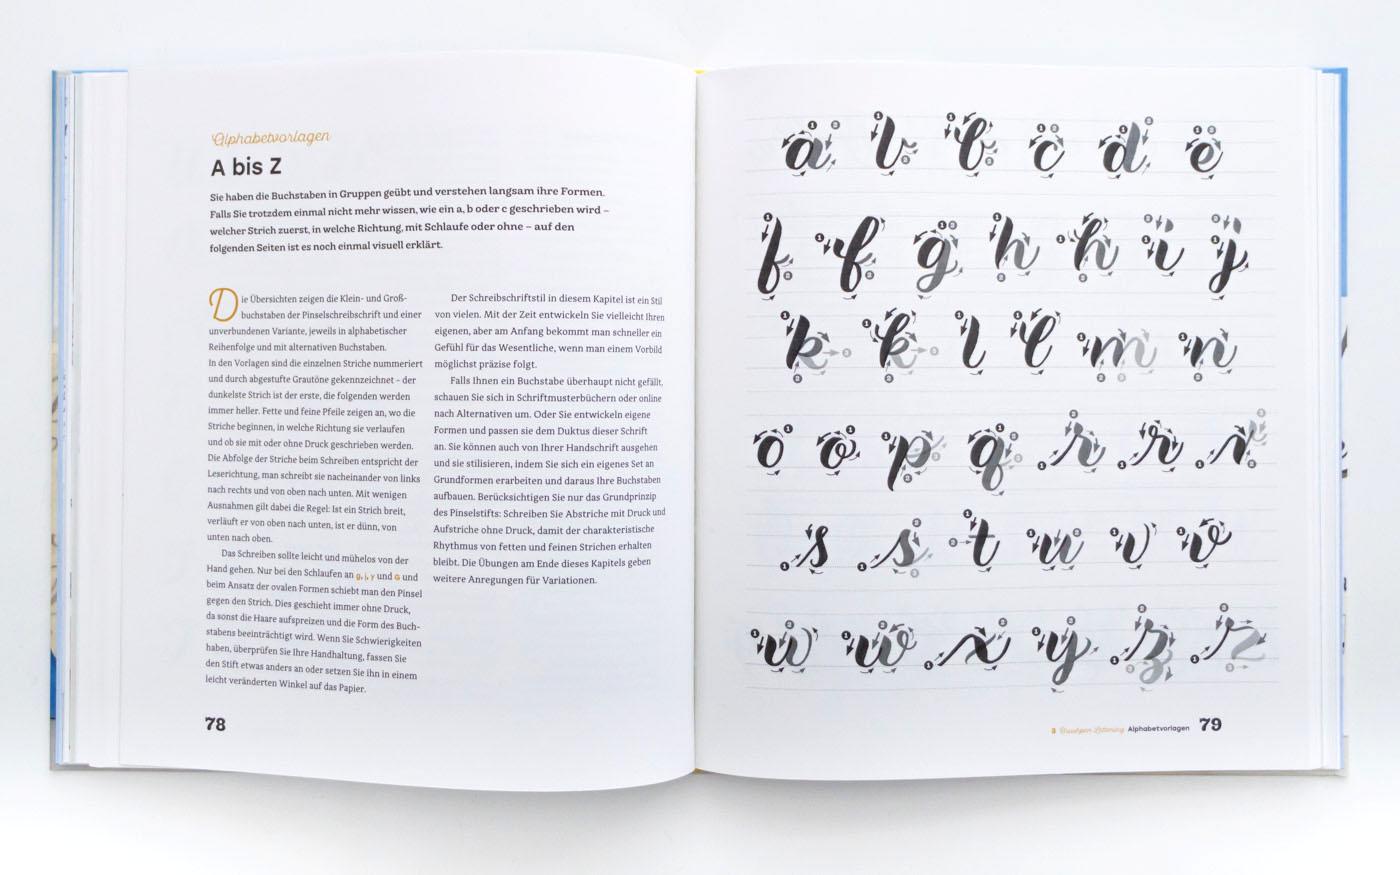 Bücher von Chris Campe: Handbuch Handlettering von Chris Campe, ISBN 978-3-258-60165-6